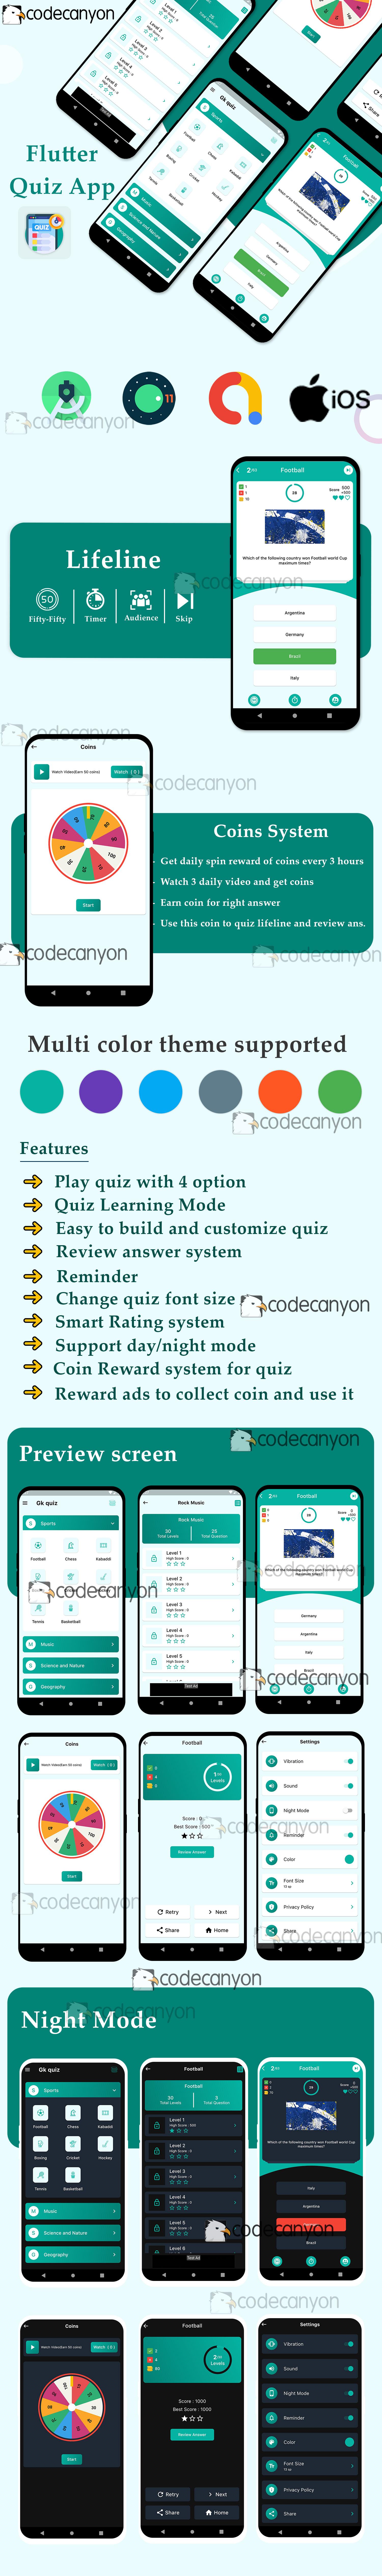 Application Flutter Quiz hors ligne avec admob prêt à publier un modèle - 5